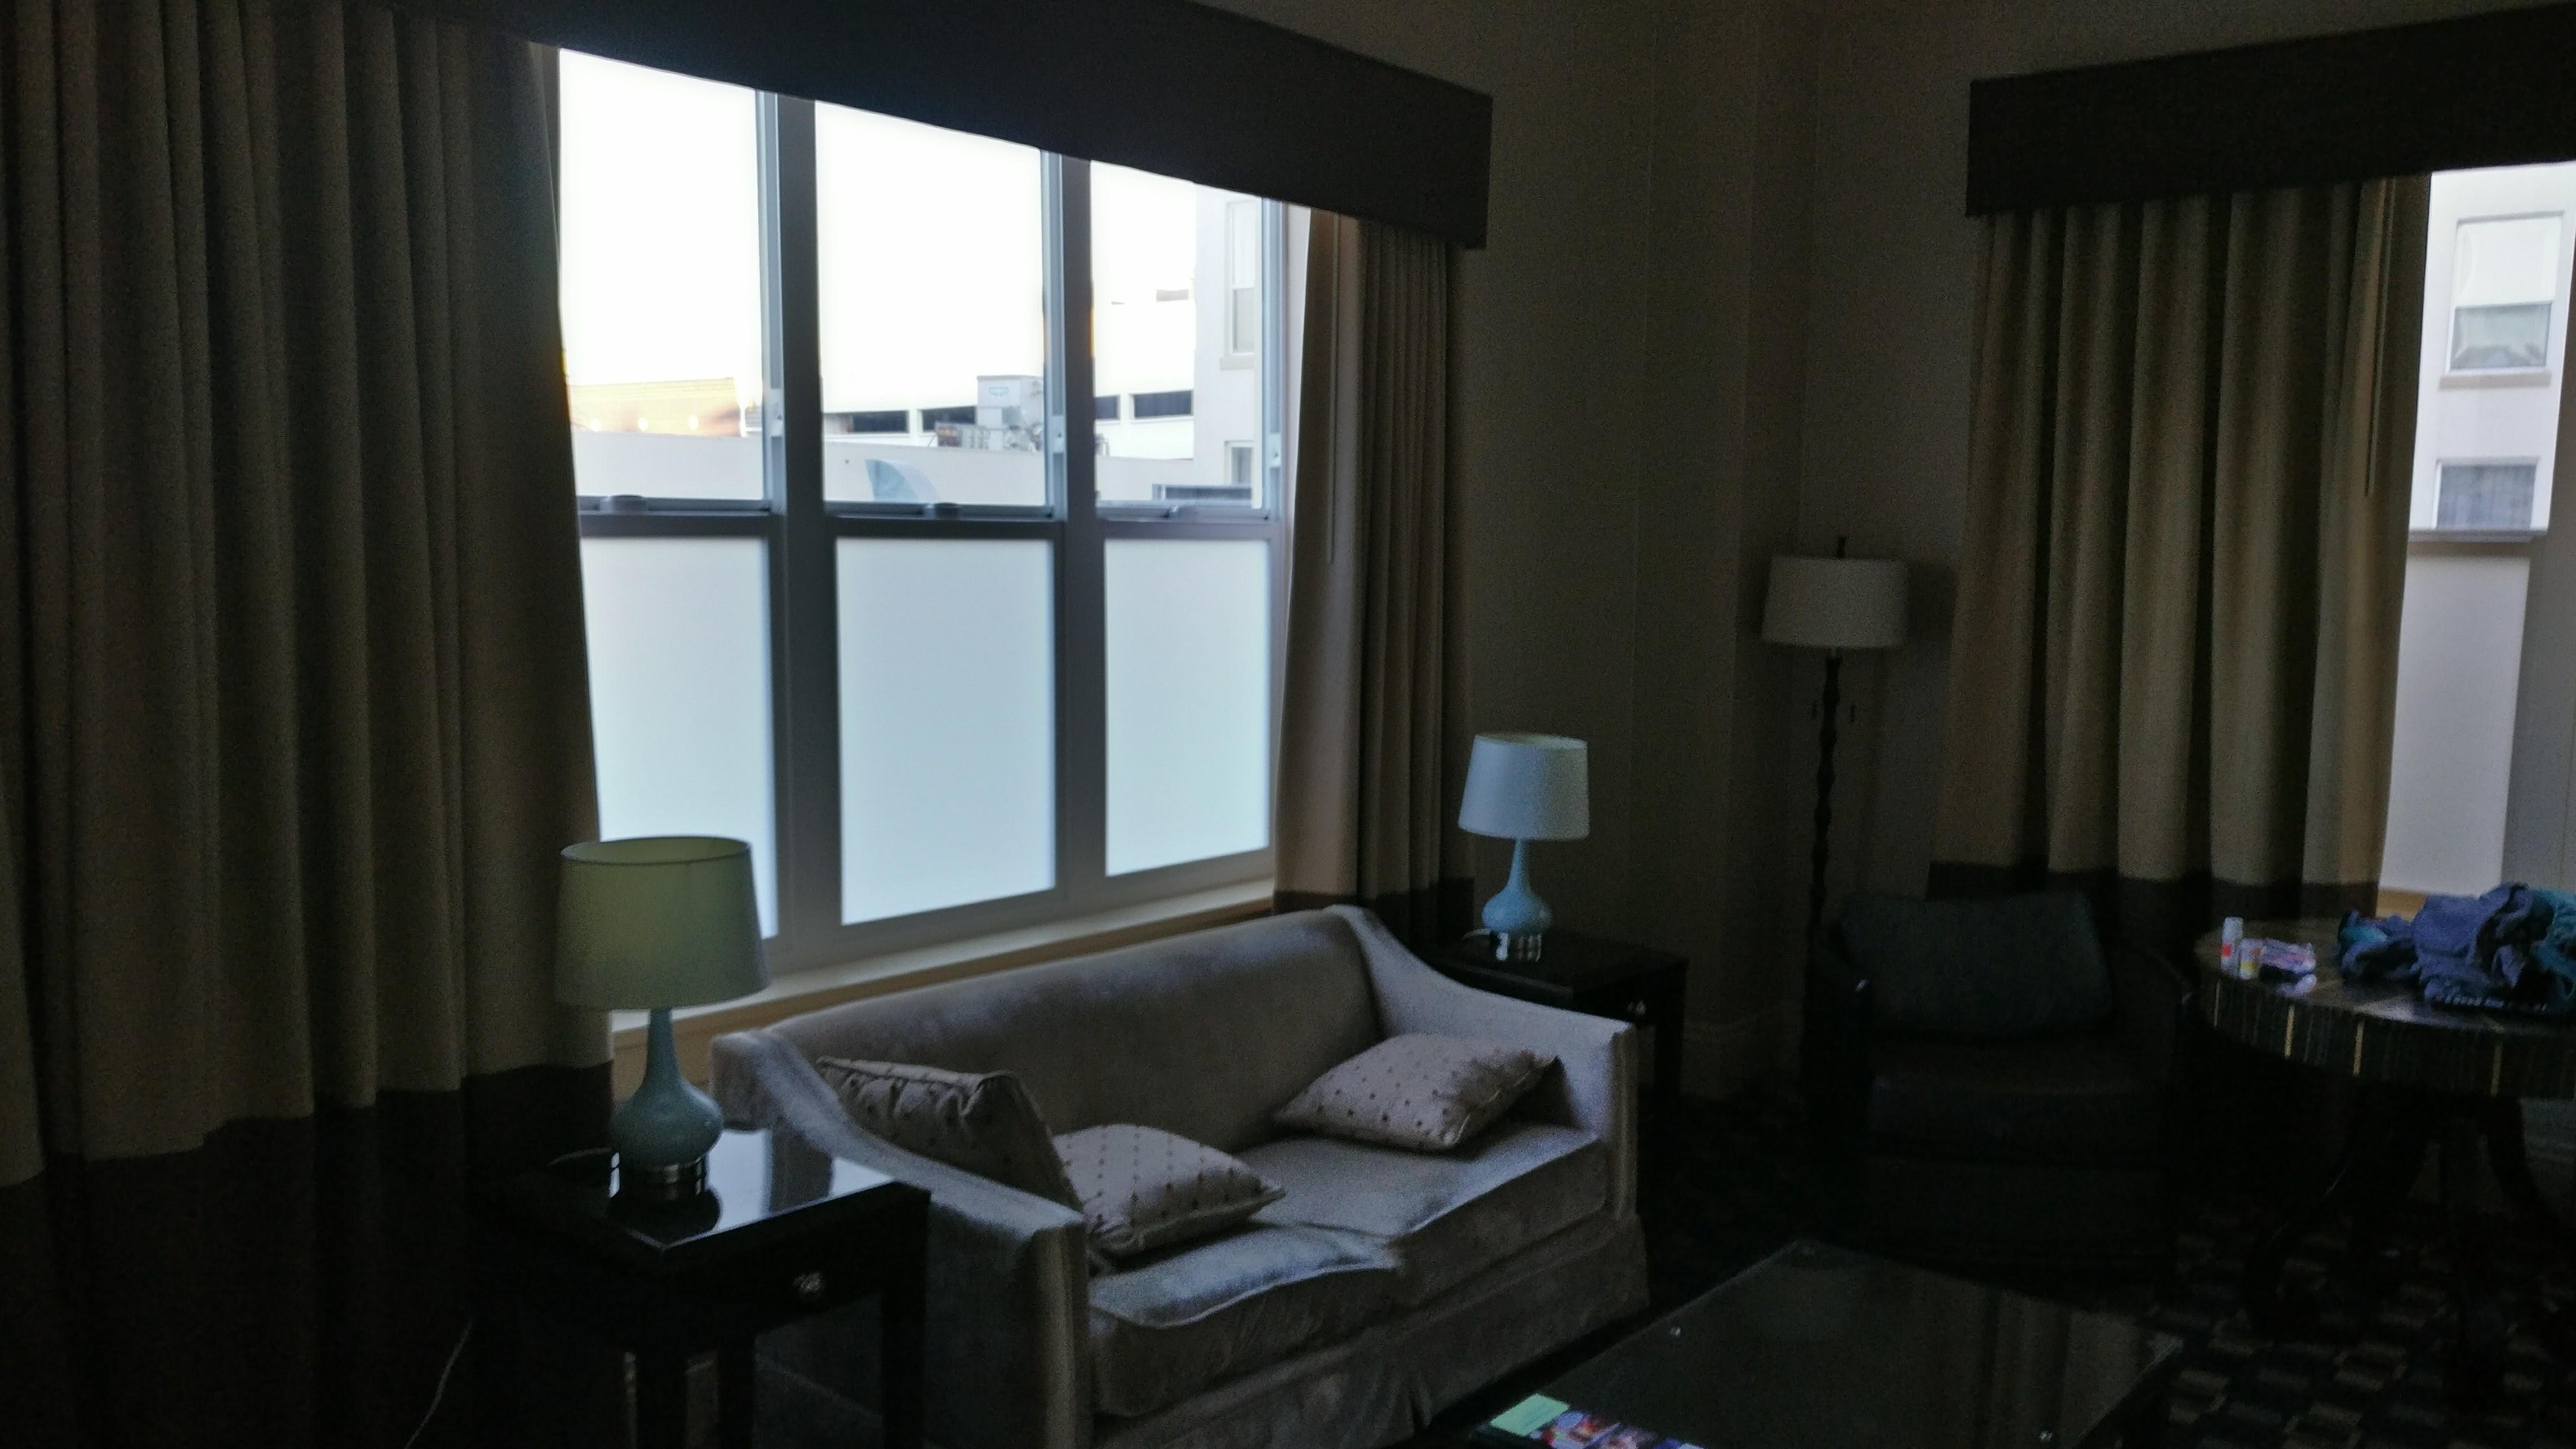 Suite sitting area